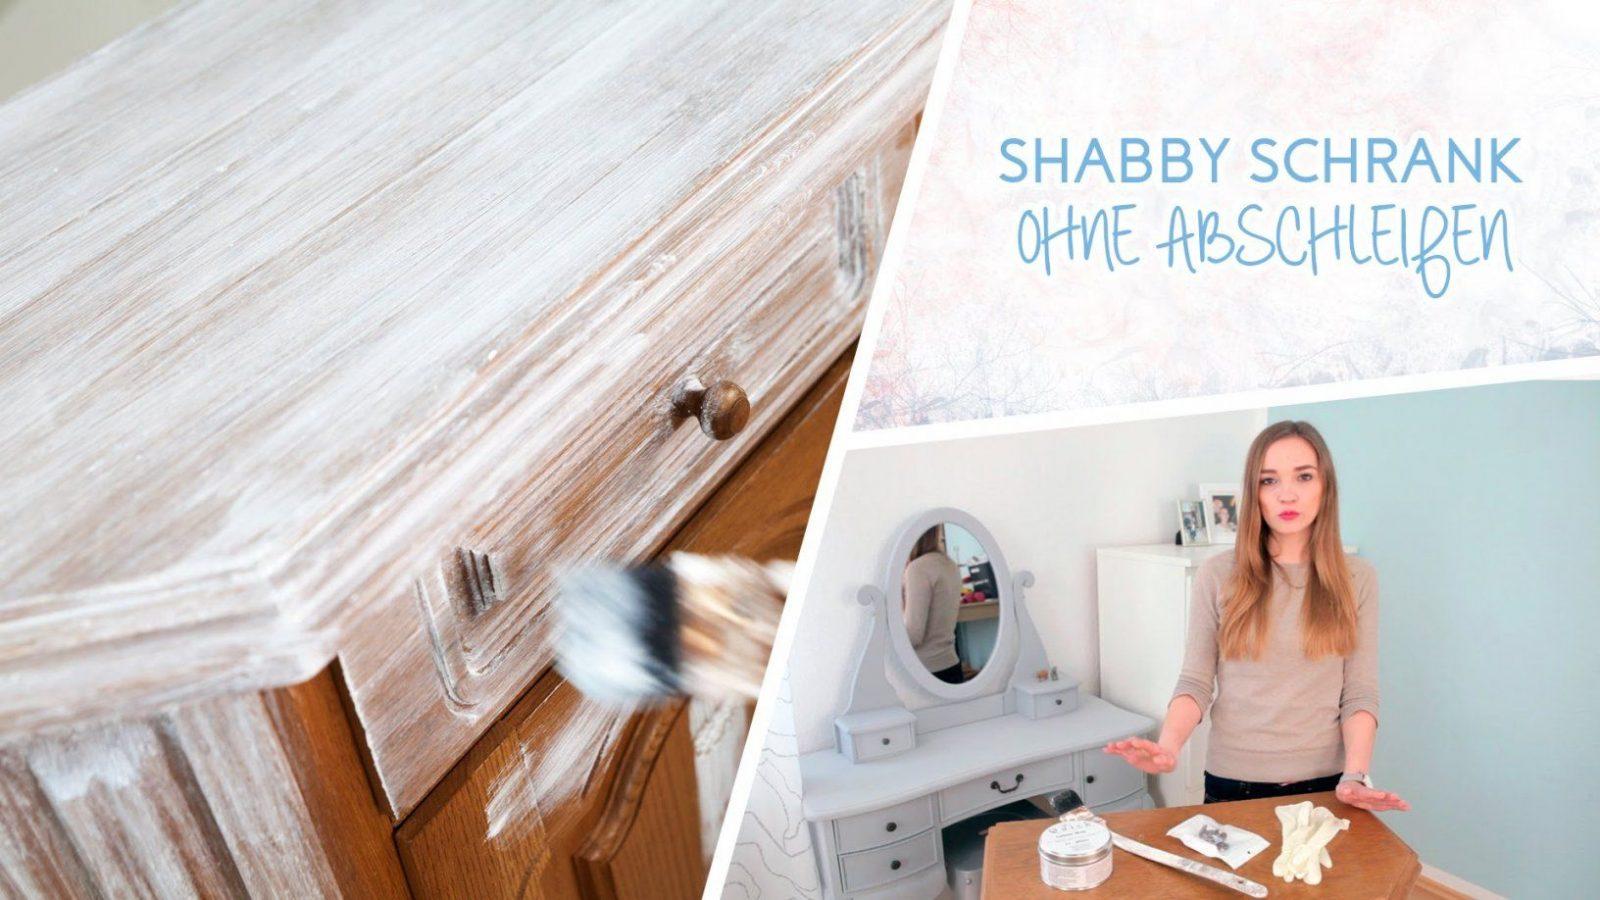 How To Schrank Im Shabby Chic Stil Streichen Ohne Abscheifen  Youtube von Holztüren Streichen Ohne Abschleifen Bild